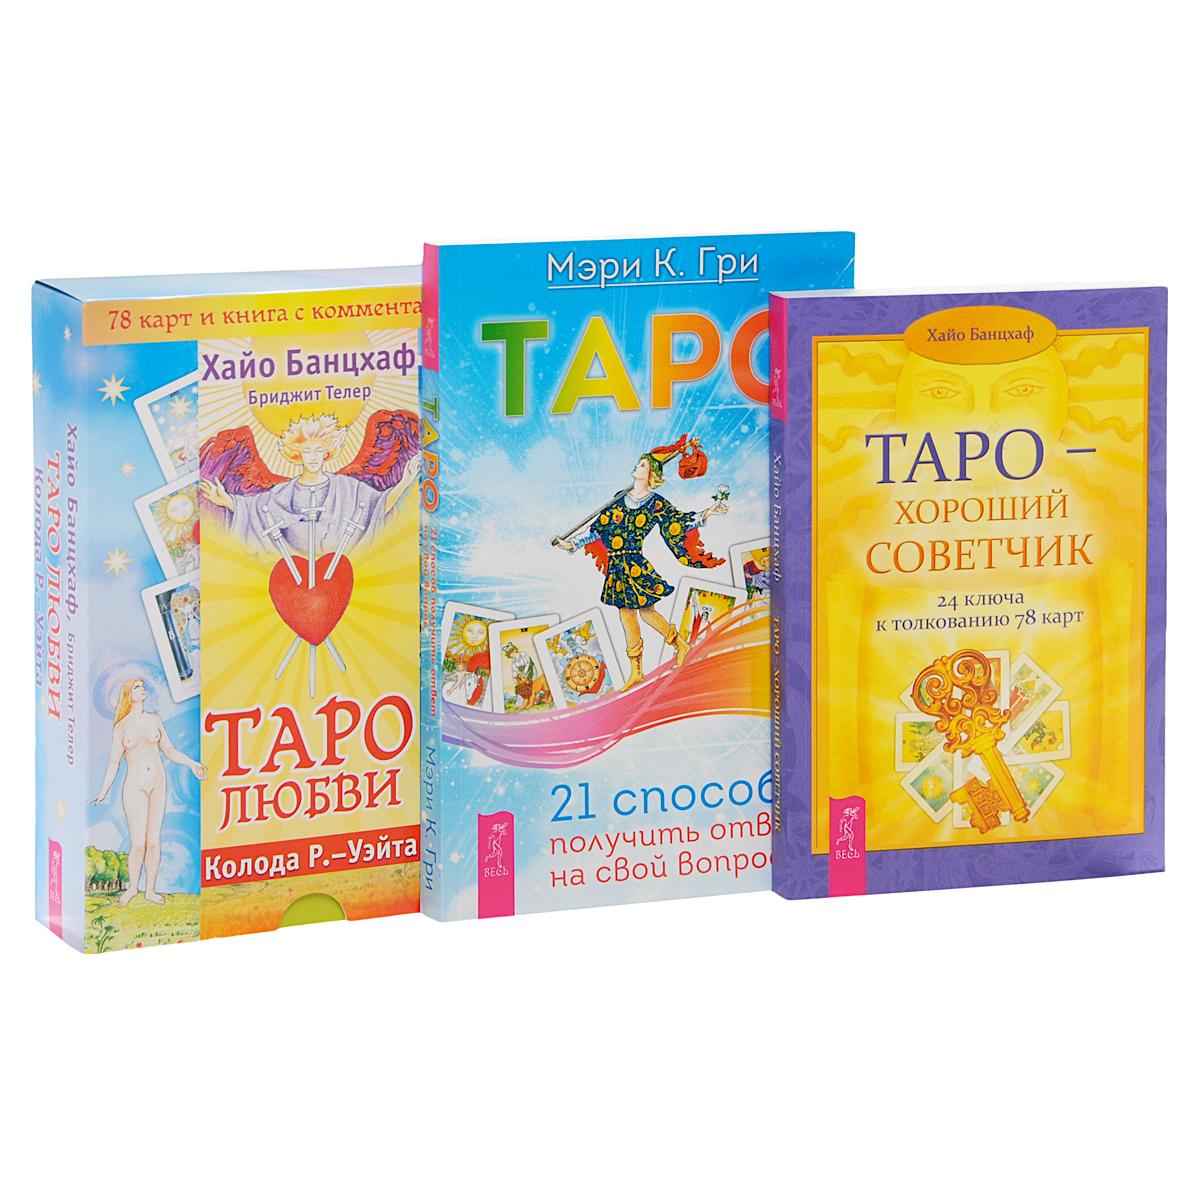 Хайо Банцхав, Бриджит Телер, Мэри К. Гри Таро любви. Таро - хороший советчик. Таро. 21 способ получить ответ на свой вопрос (комплект из 3 книг + колода из 78 карт)